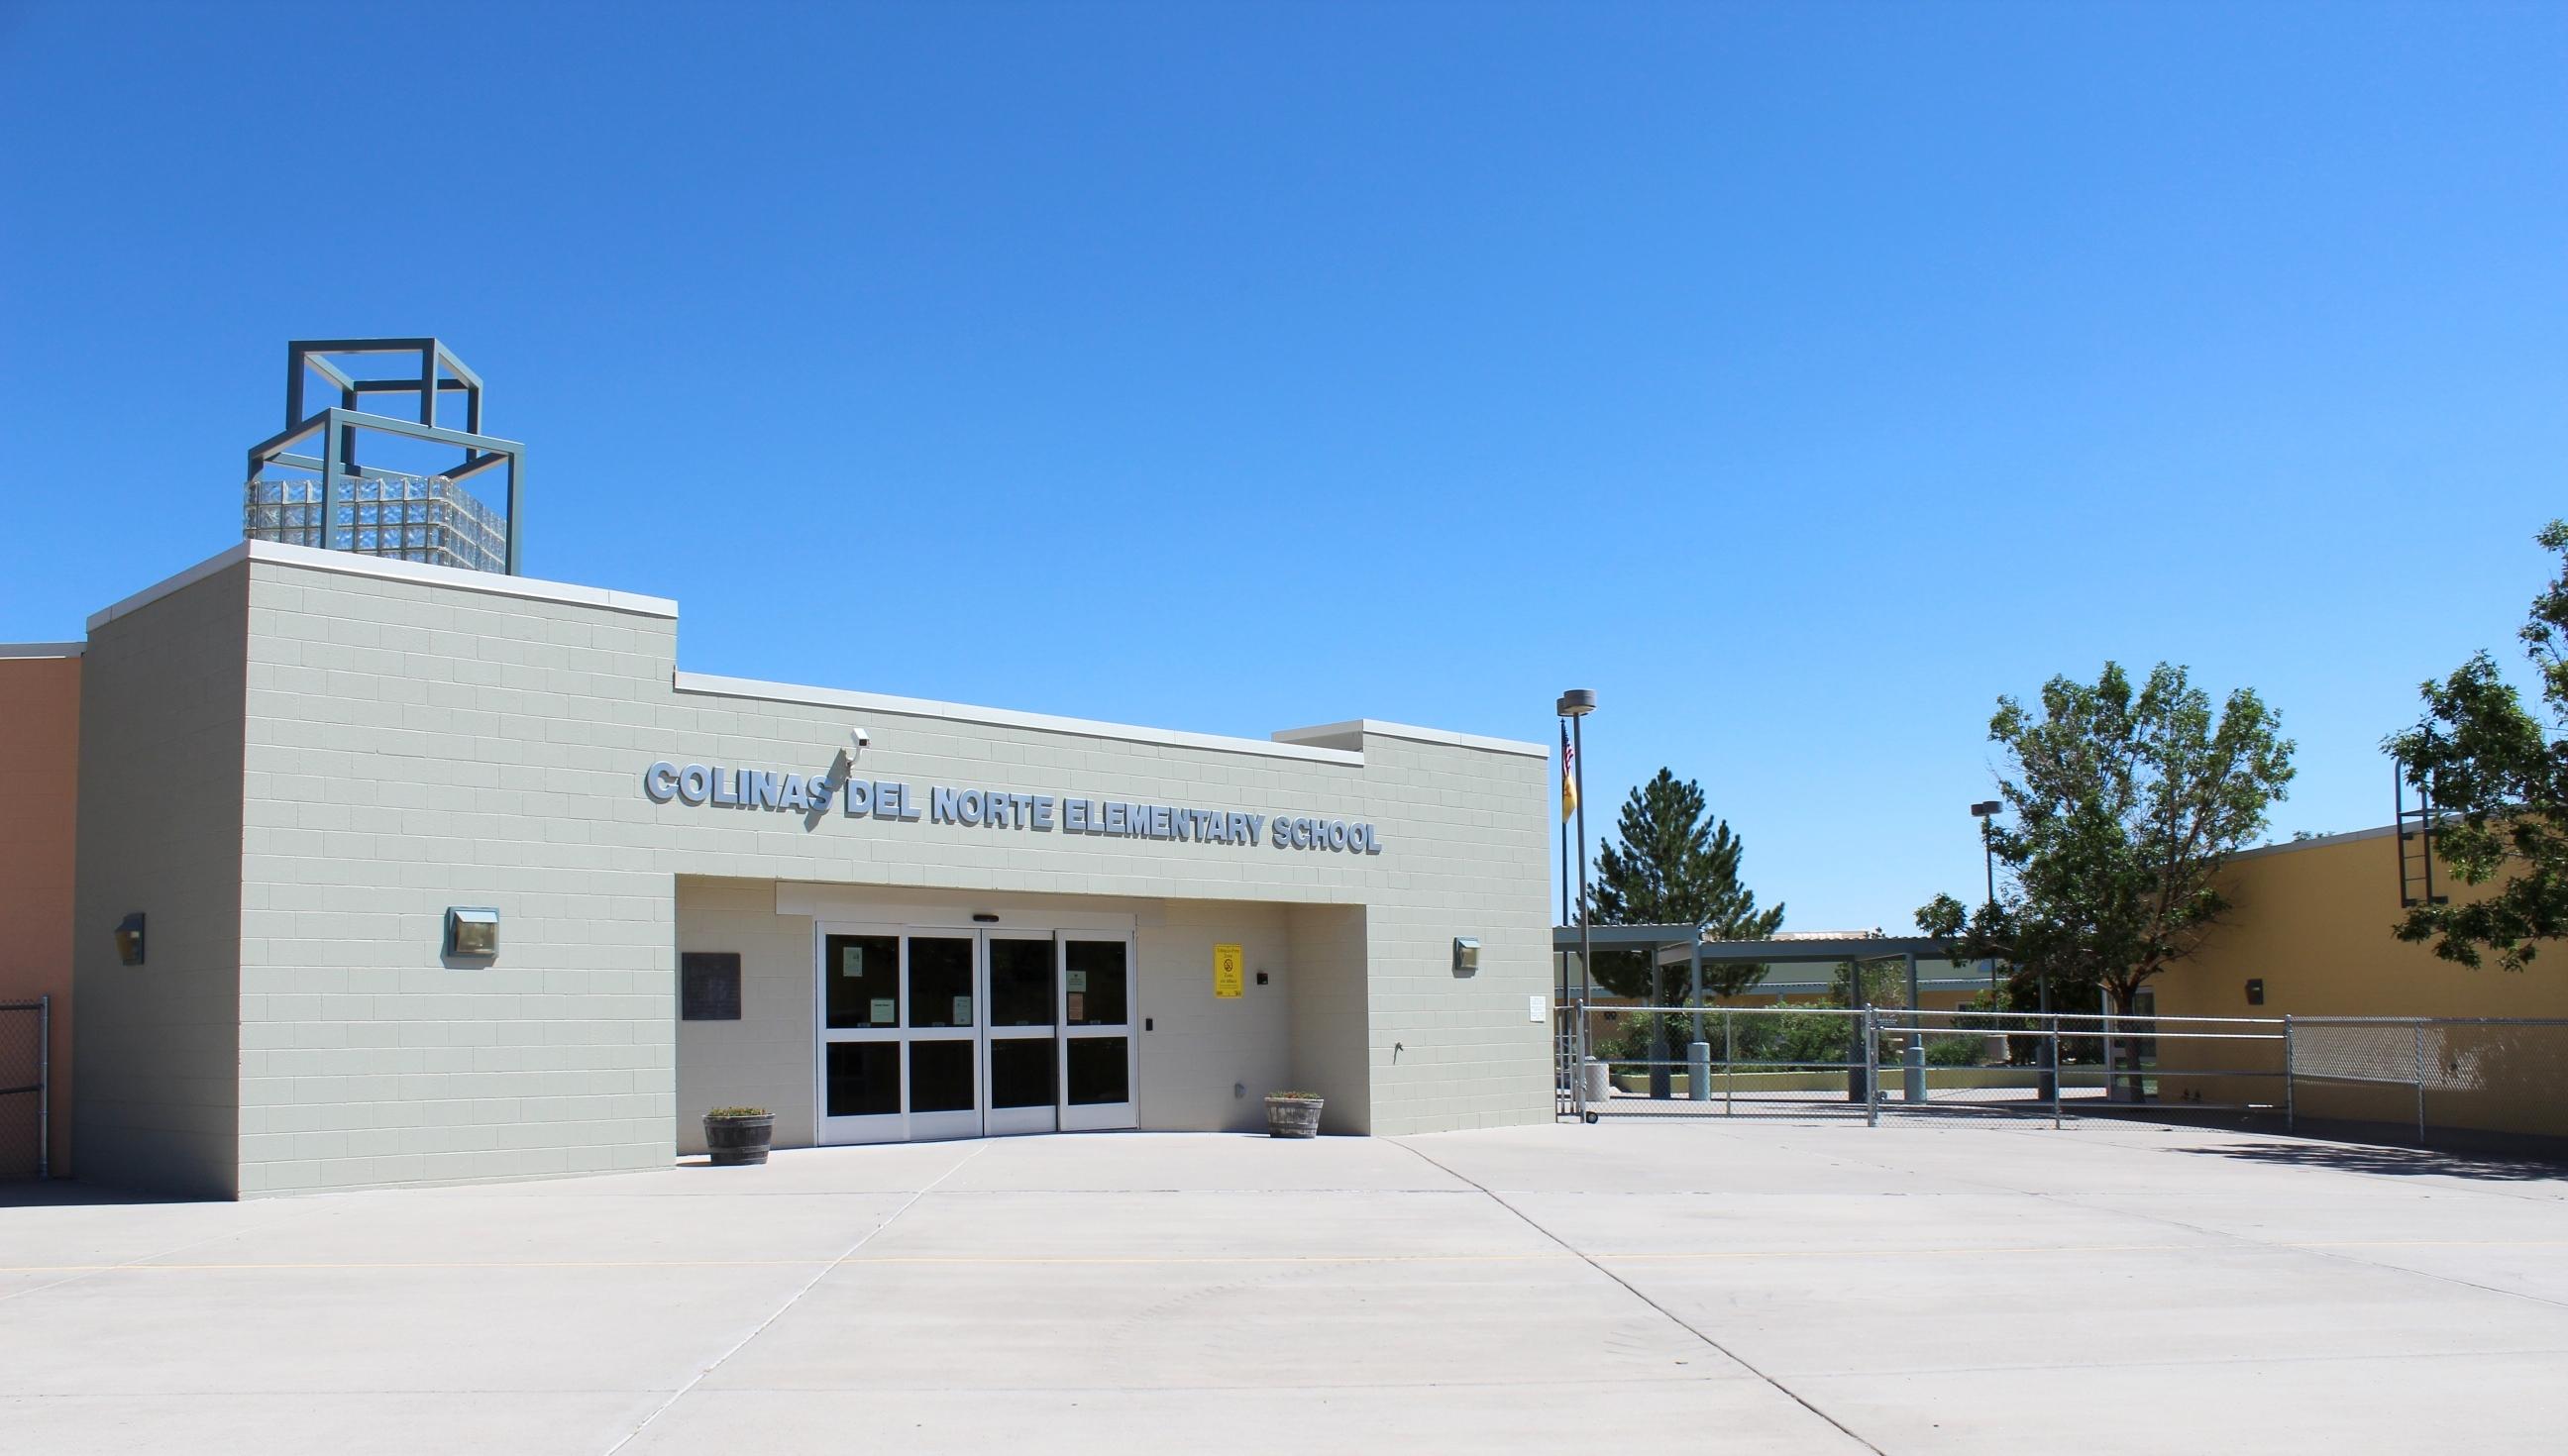 Entrance to Colinas del Norte Elementary School